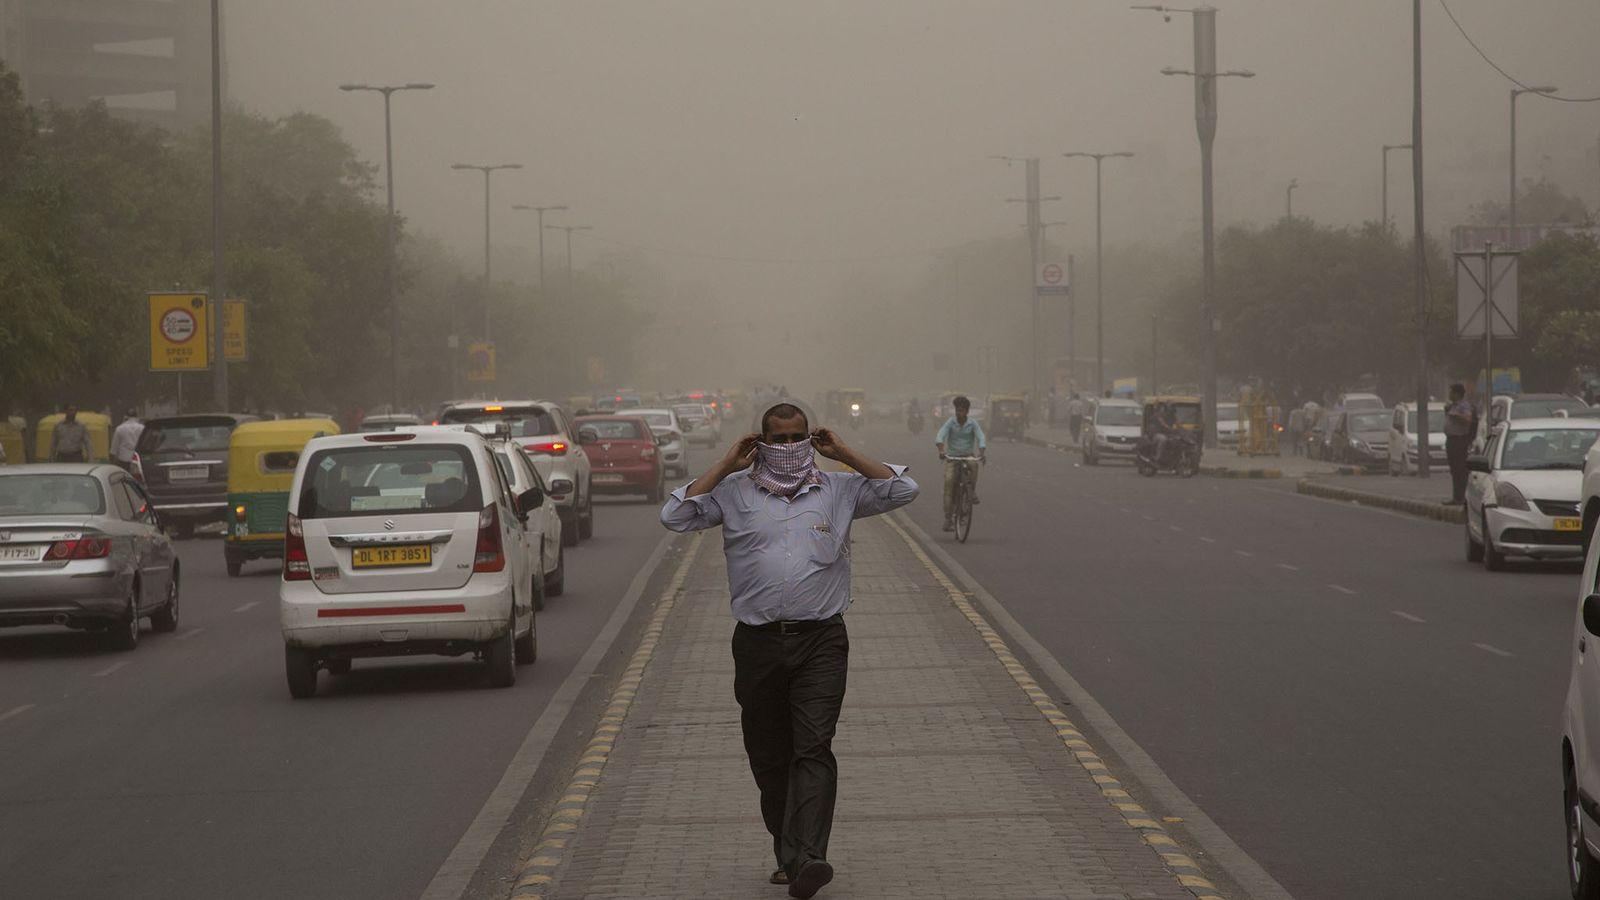 À New Delhi, en Inde, un homme se protège de la tempête de poussière qui enveloppe ...